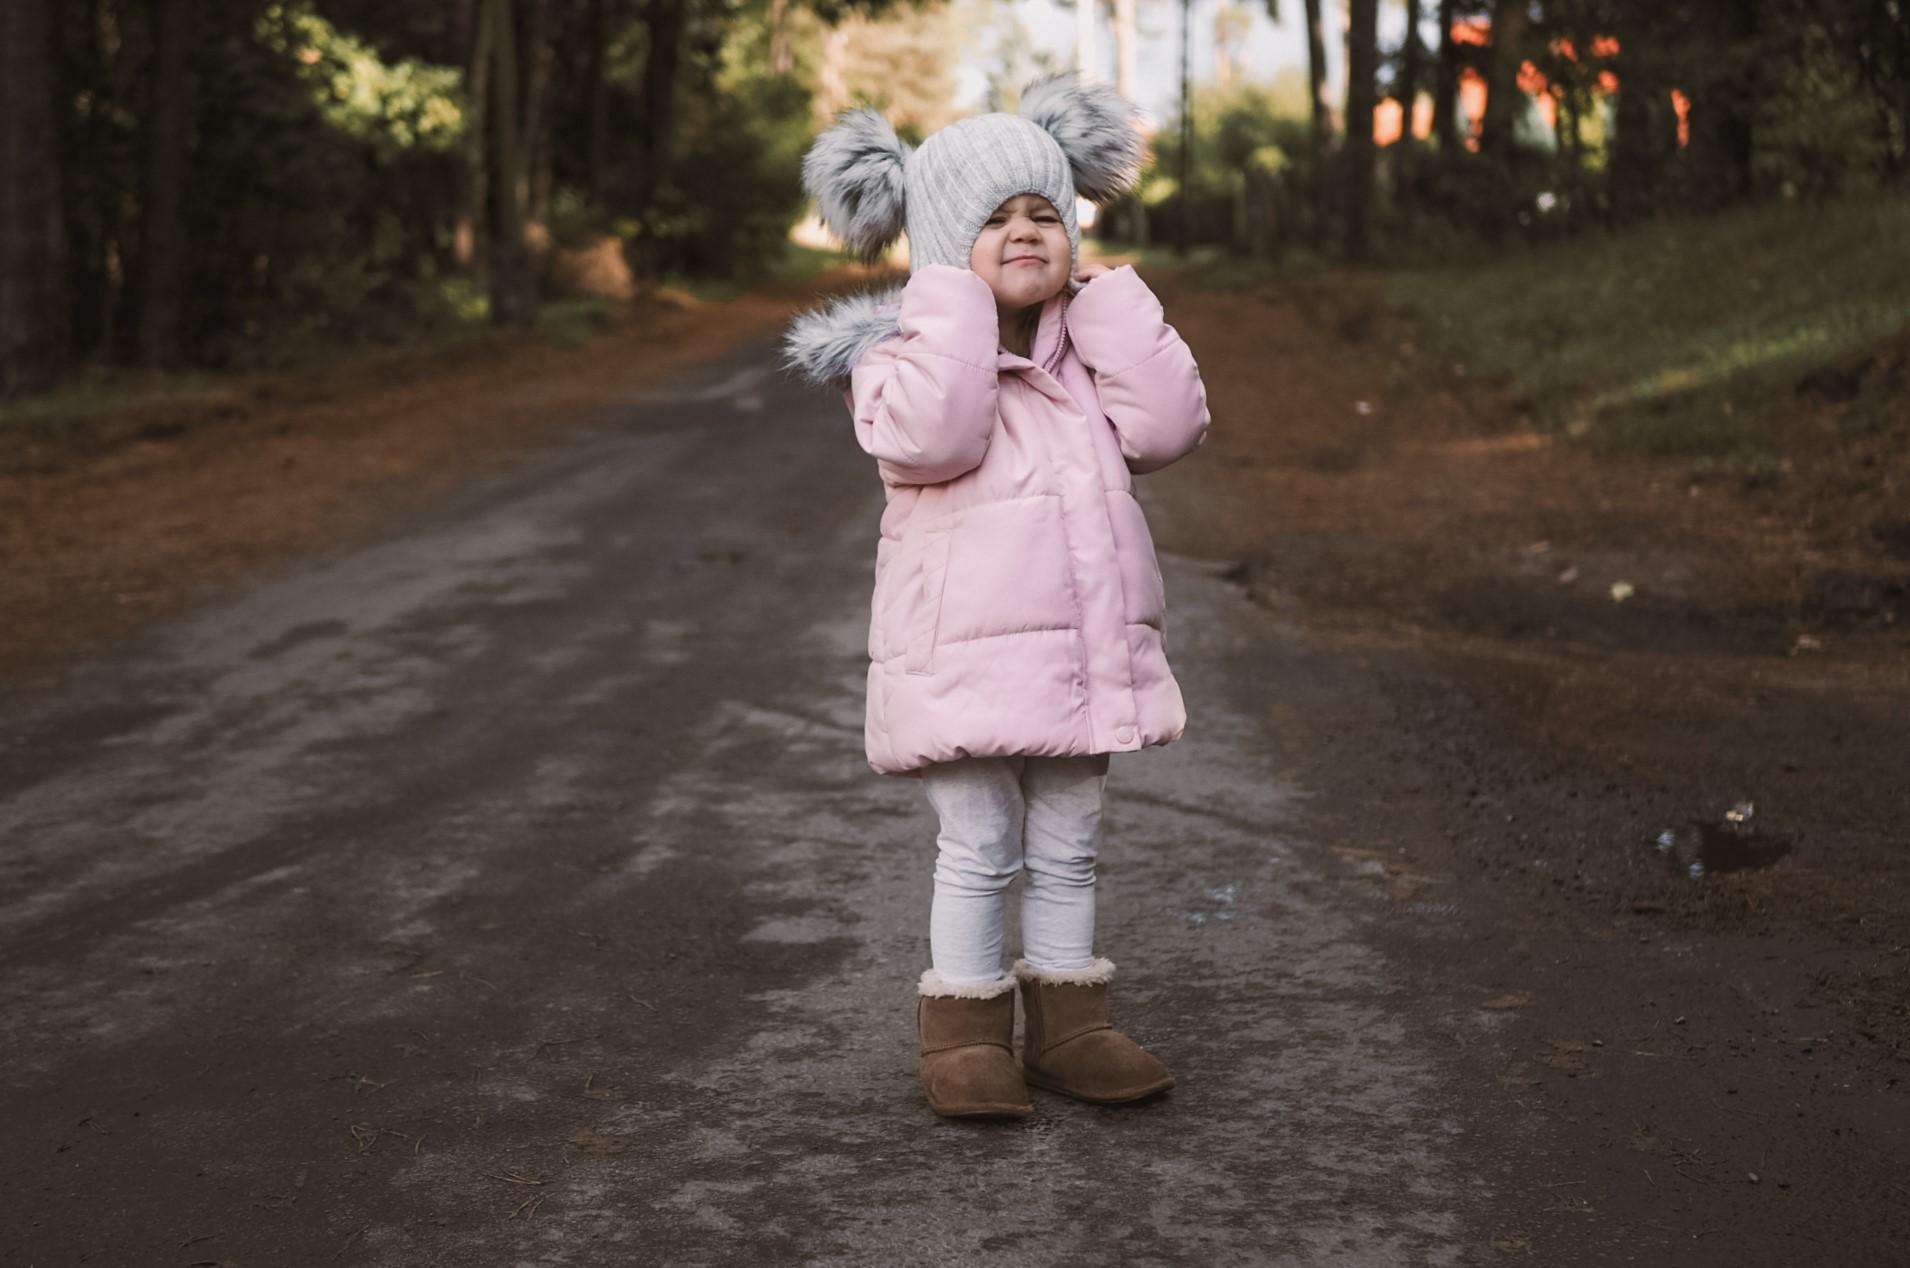 Mała dziewczynka ubrana w różową kurtkę, naciągająca czapkę na uszy.